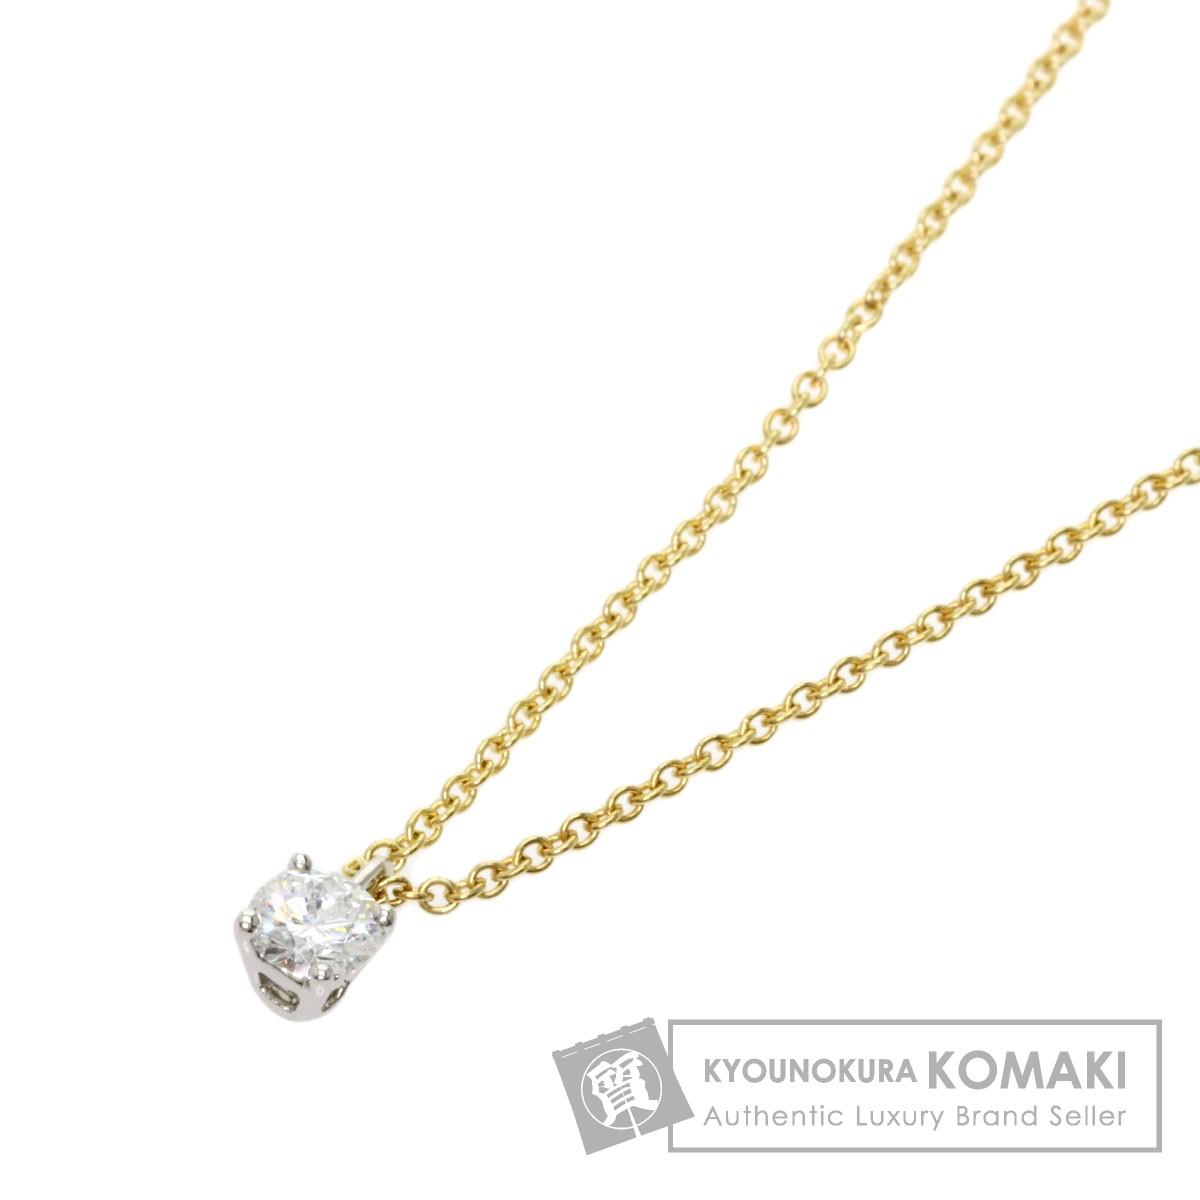 ティファニー 1P ダイヤモンド ネックレス プラチナPT950/K18YG レディース 【中古】【TIFFANY&Co.】